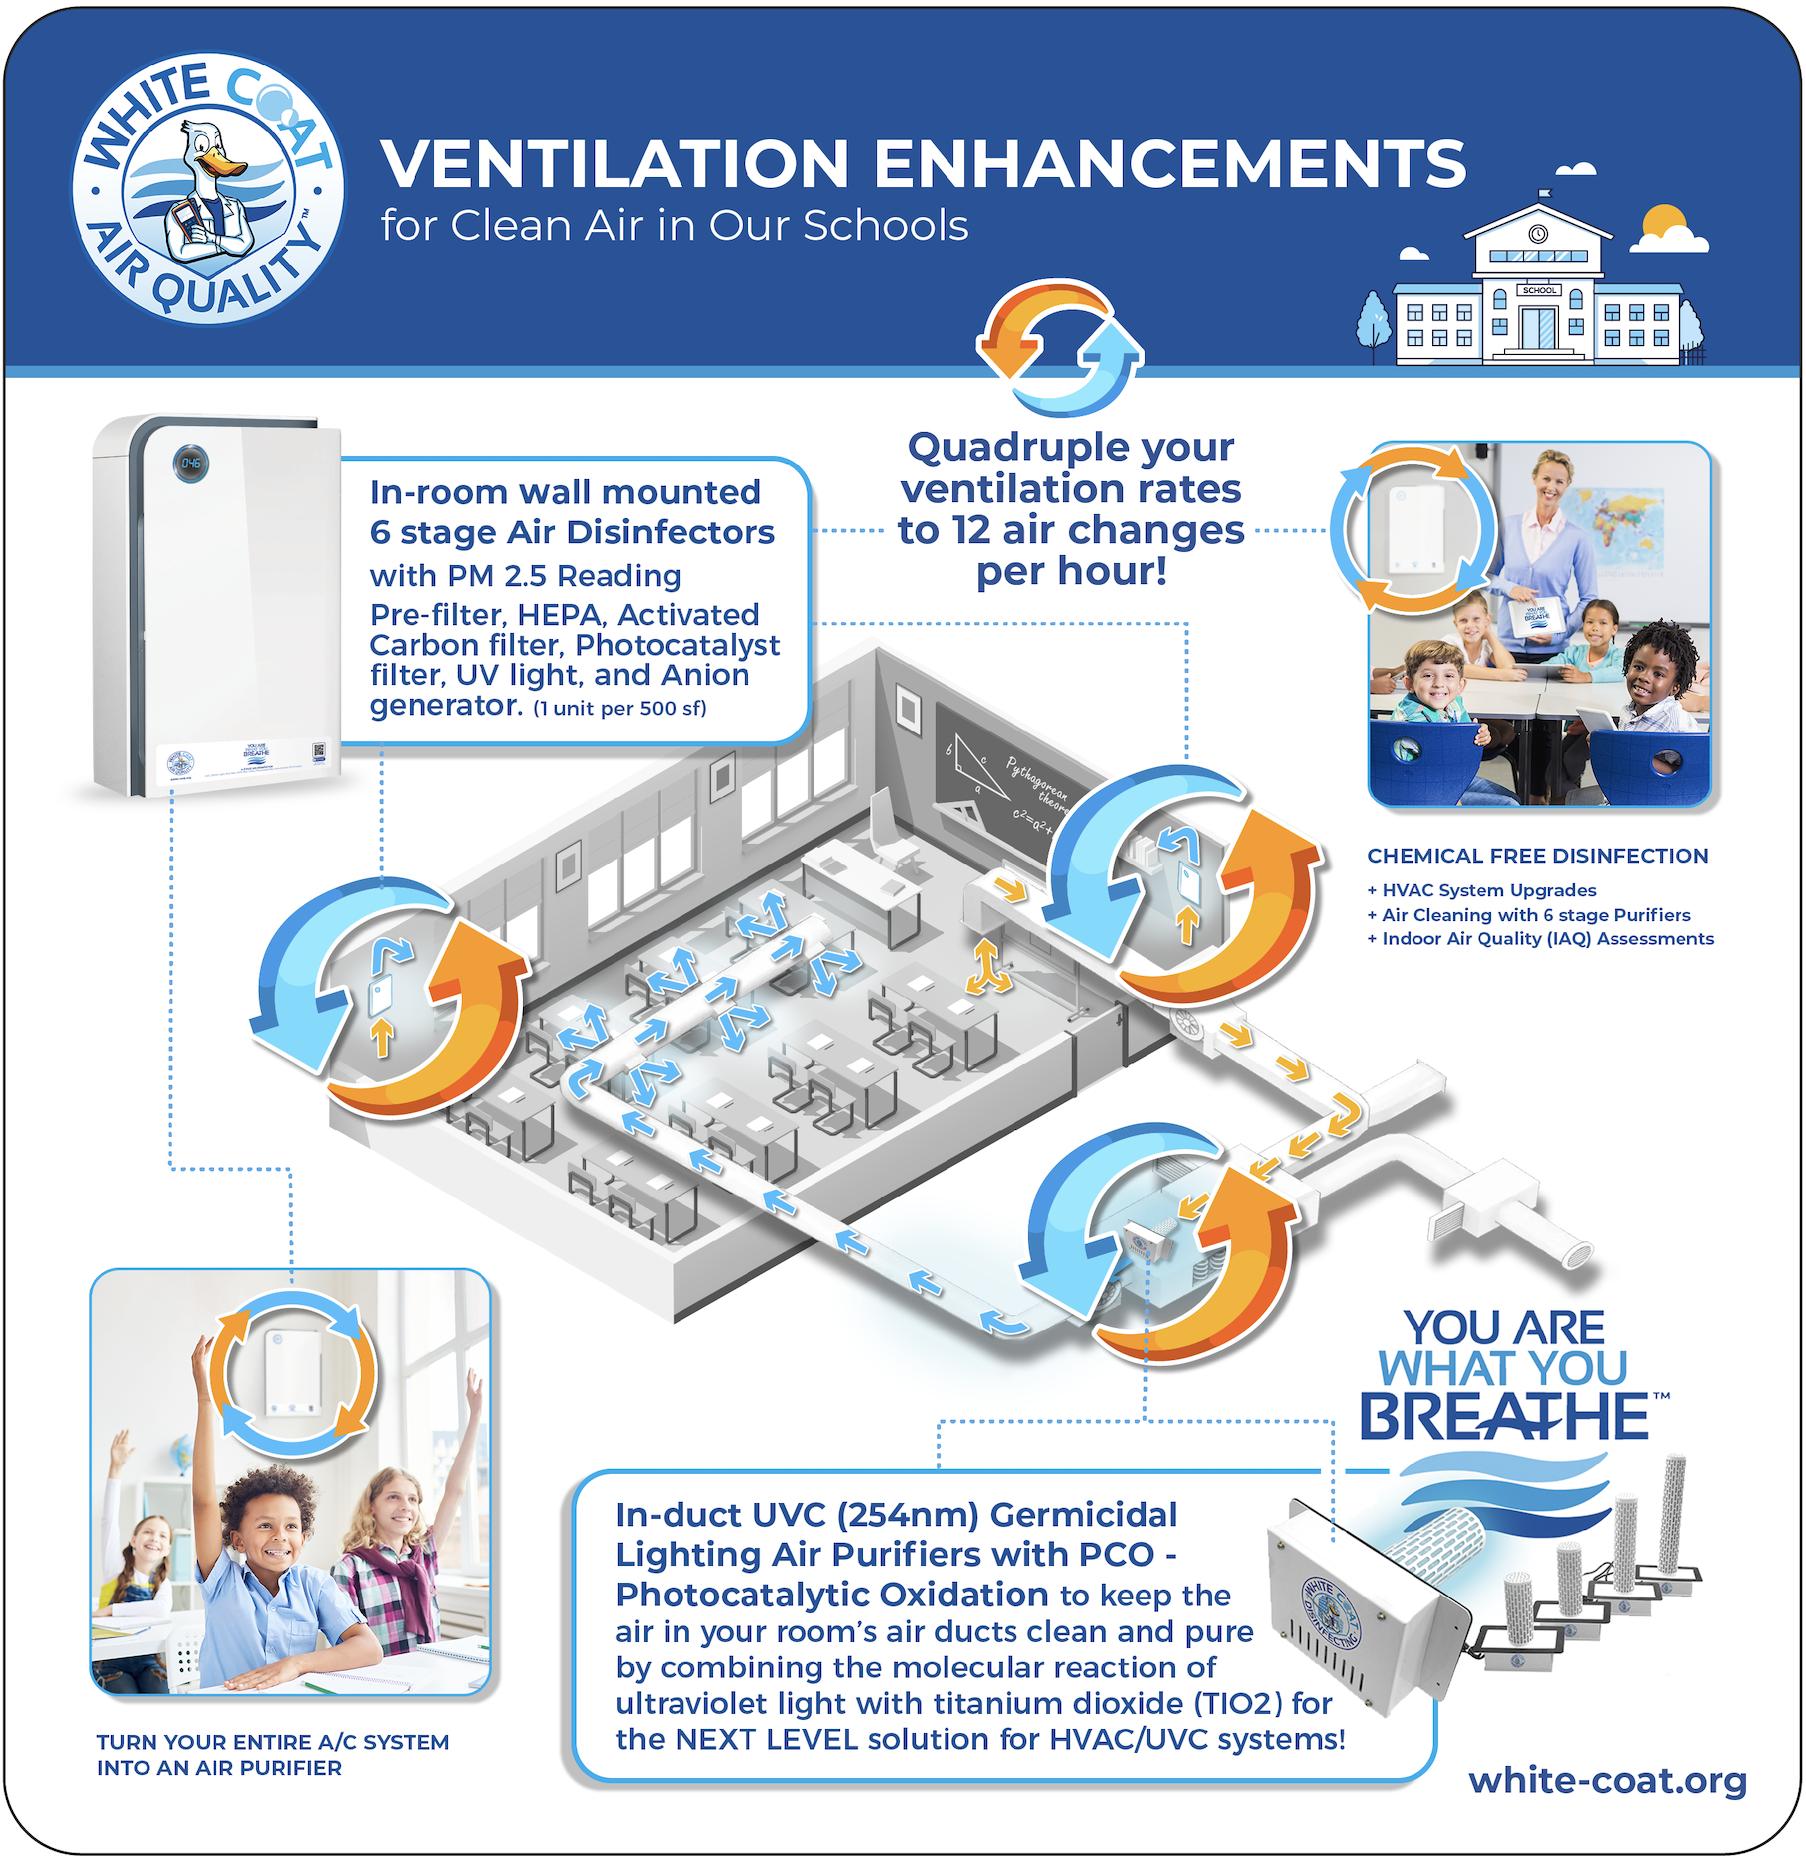 Ventilation Enhancements